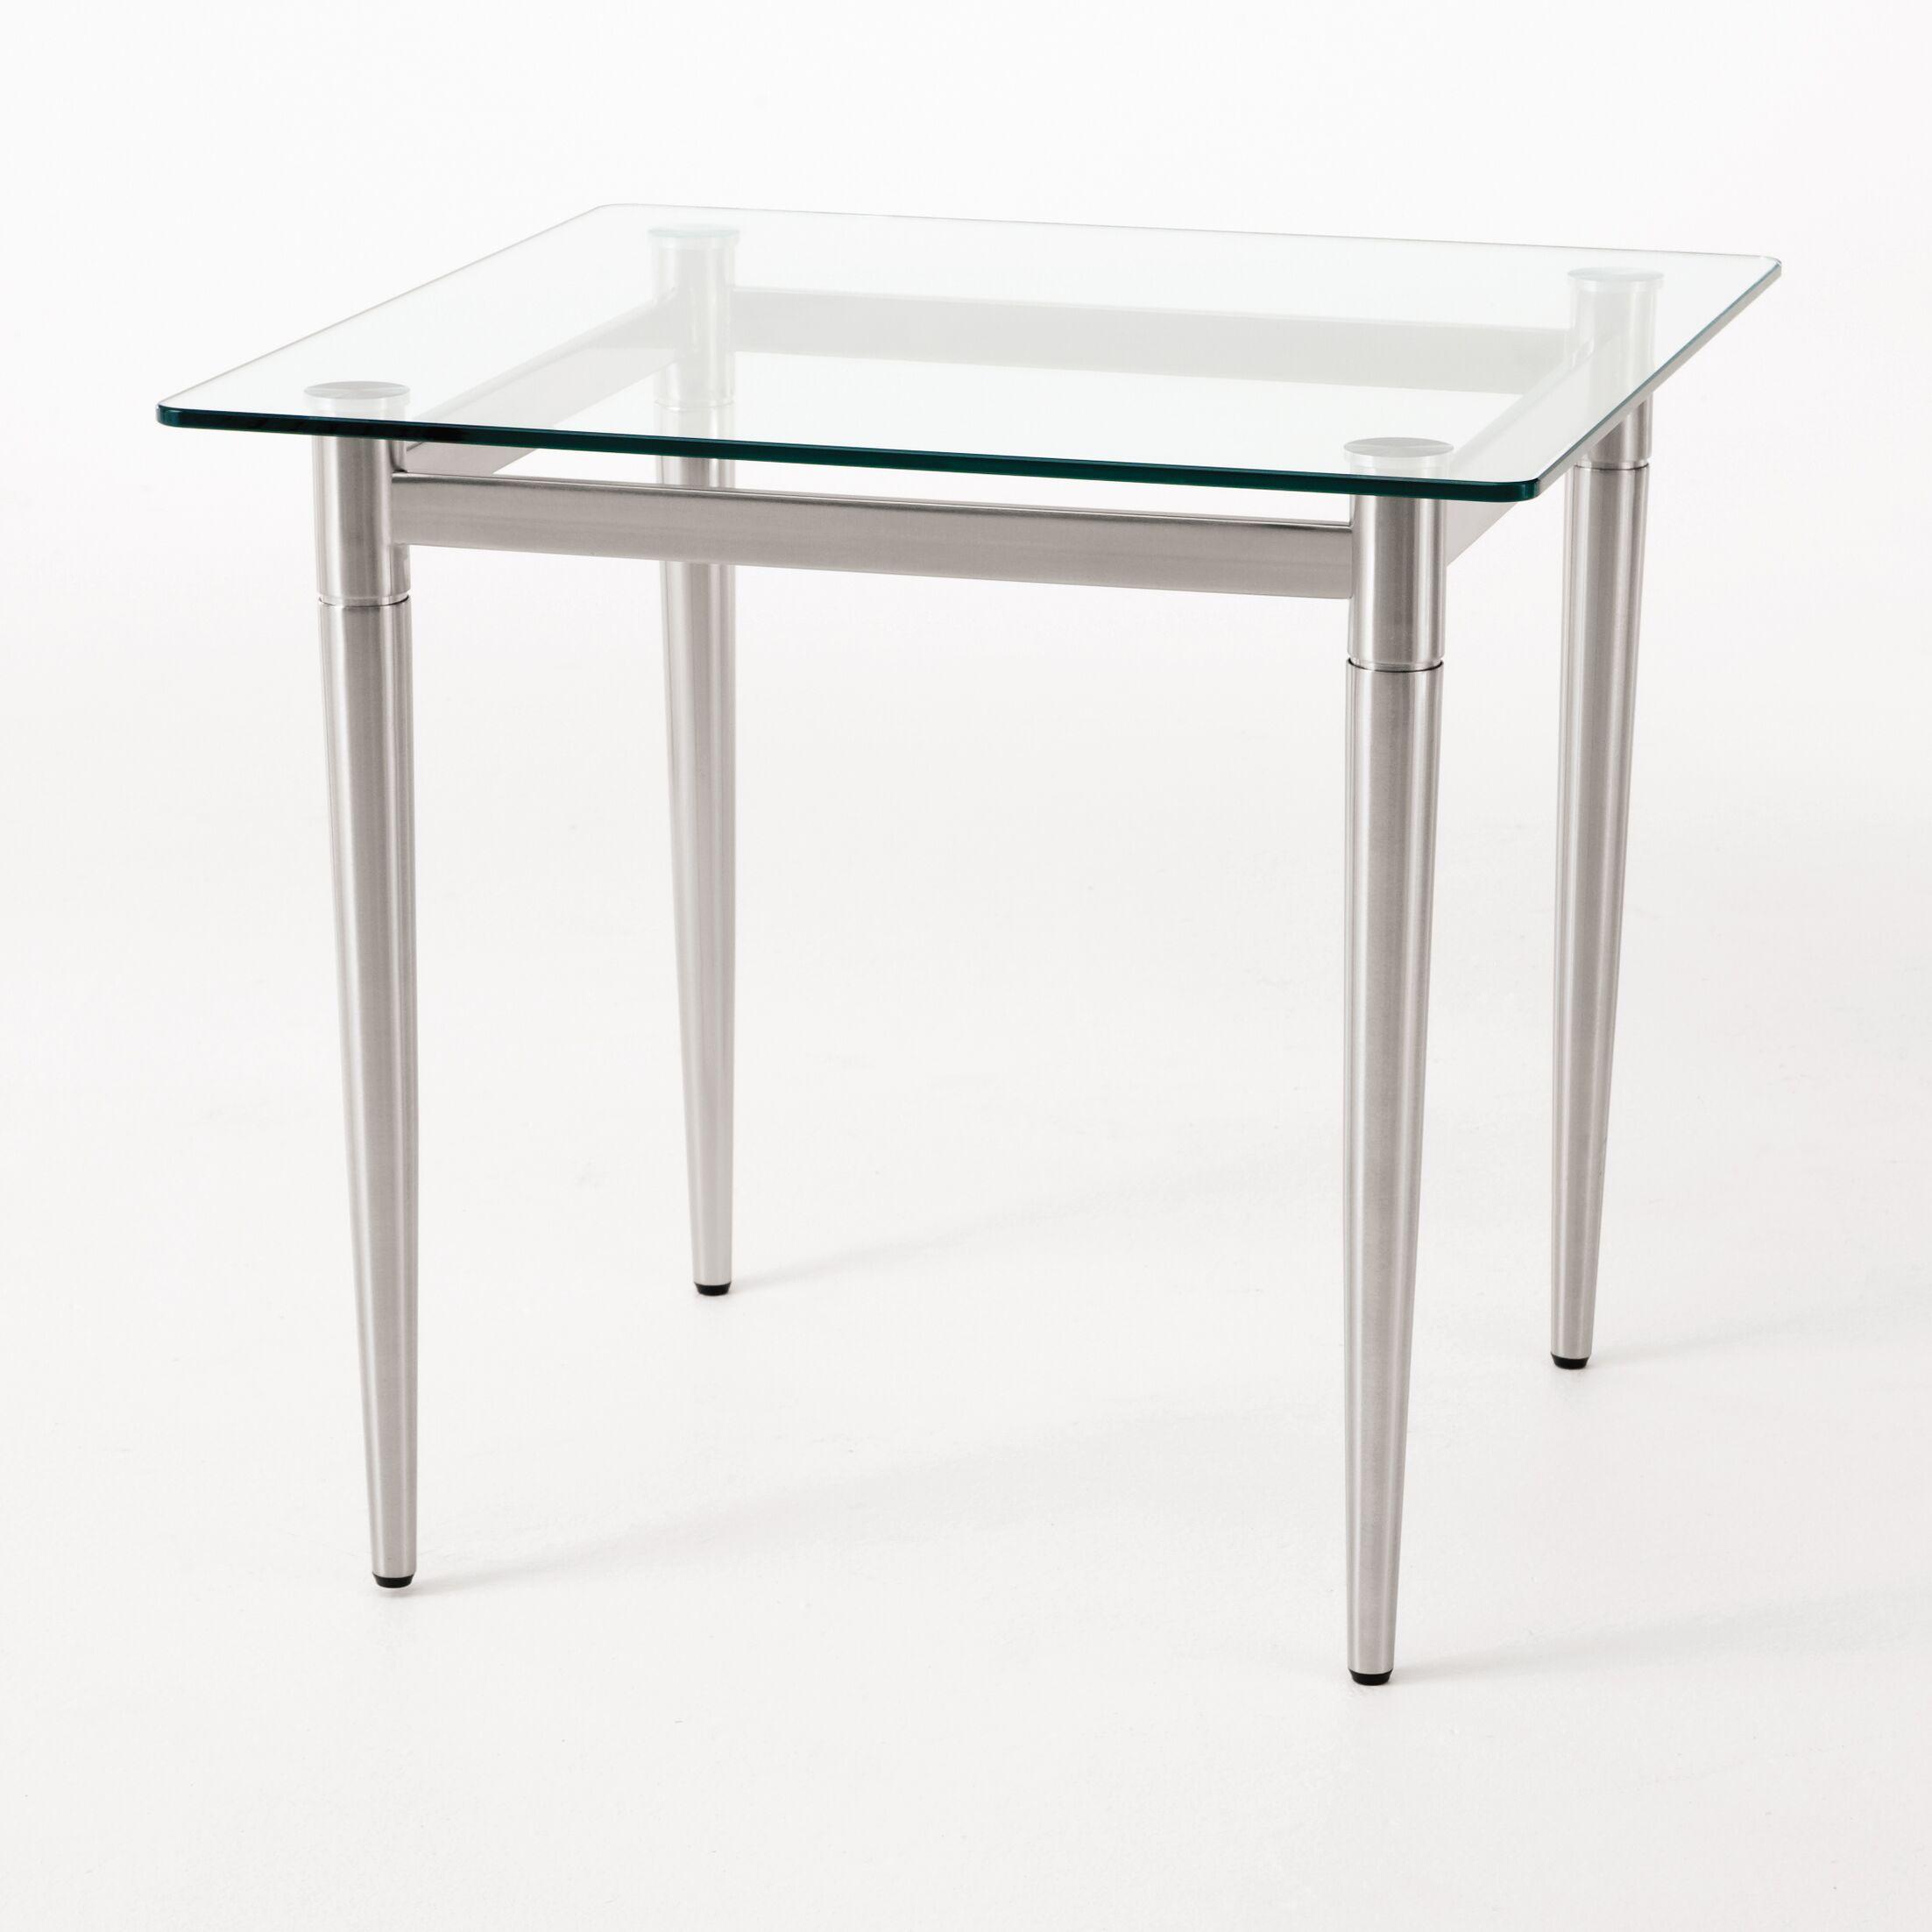 Ravenna End Table Color: Mahogany